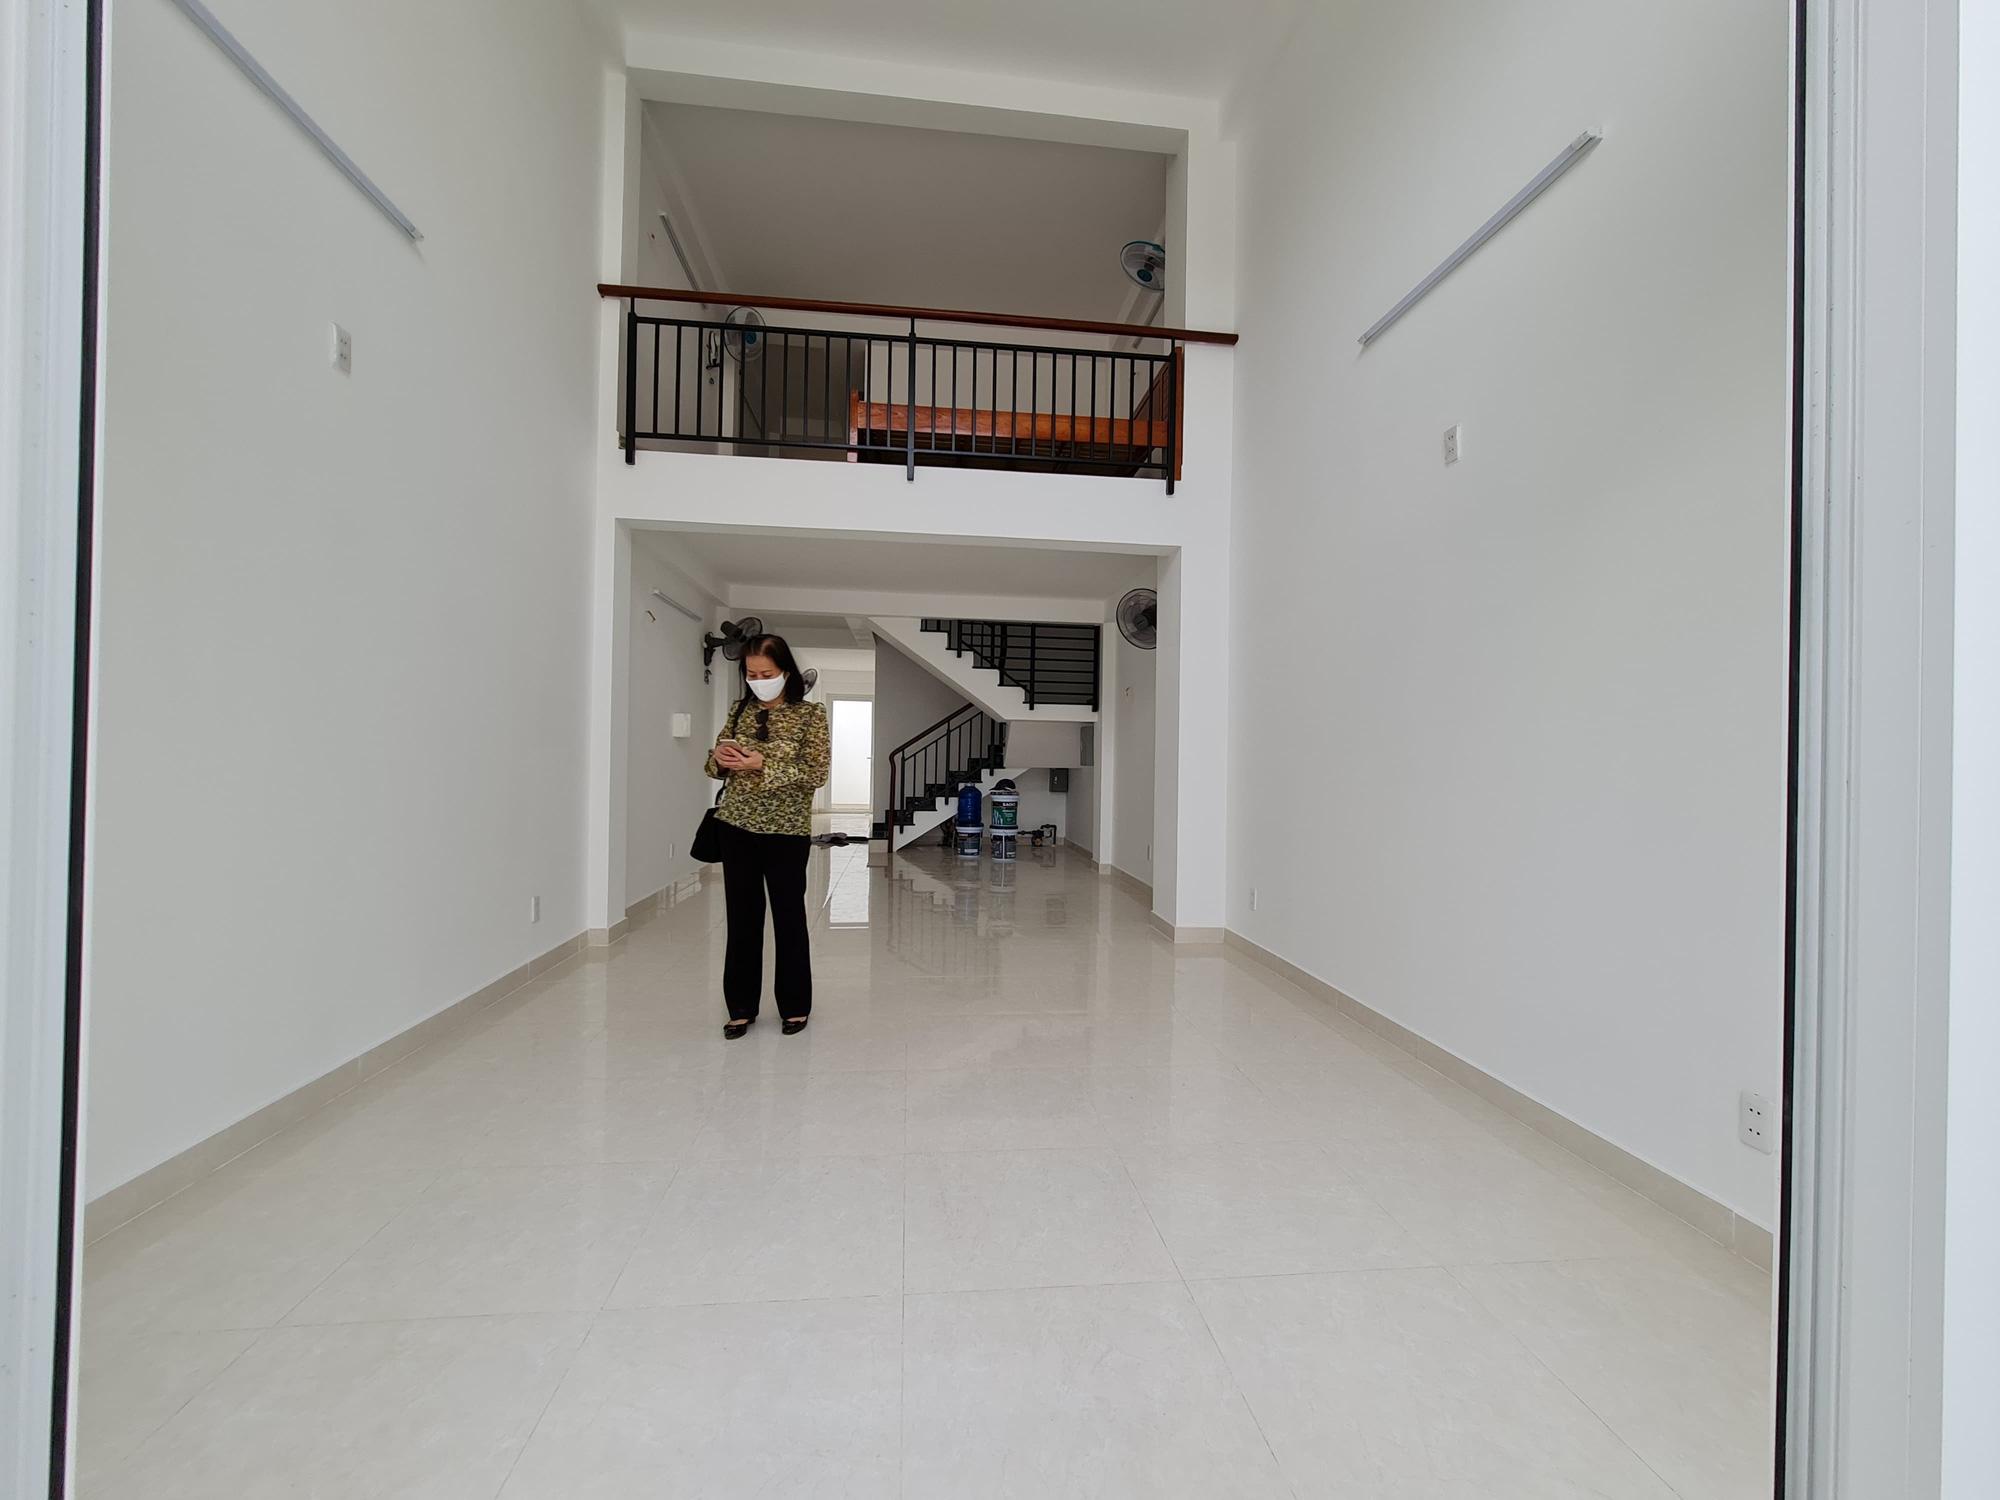 Bên trong căn nhà của ông Đoàn Ngọc Hải dành cho người nghèo - Ảnh 3.